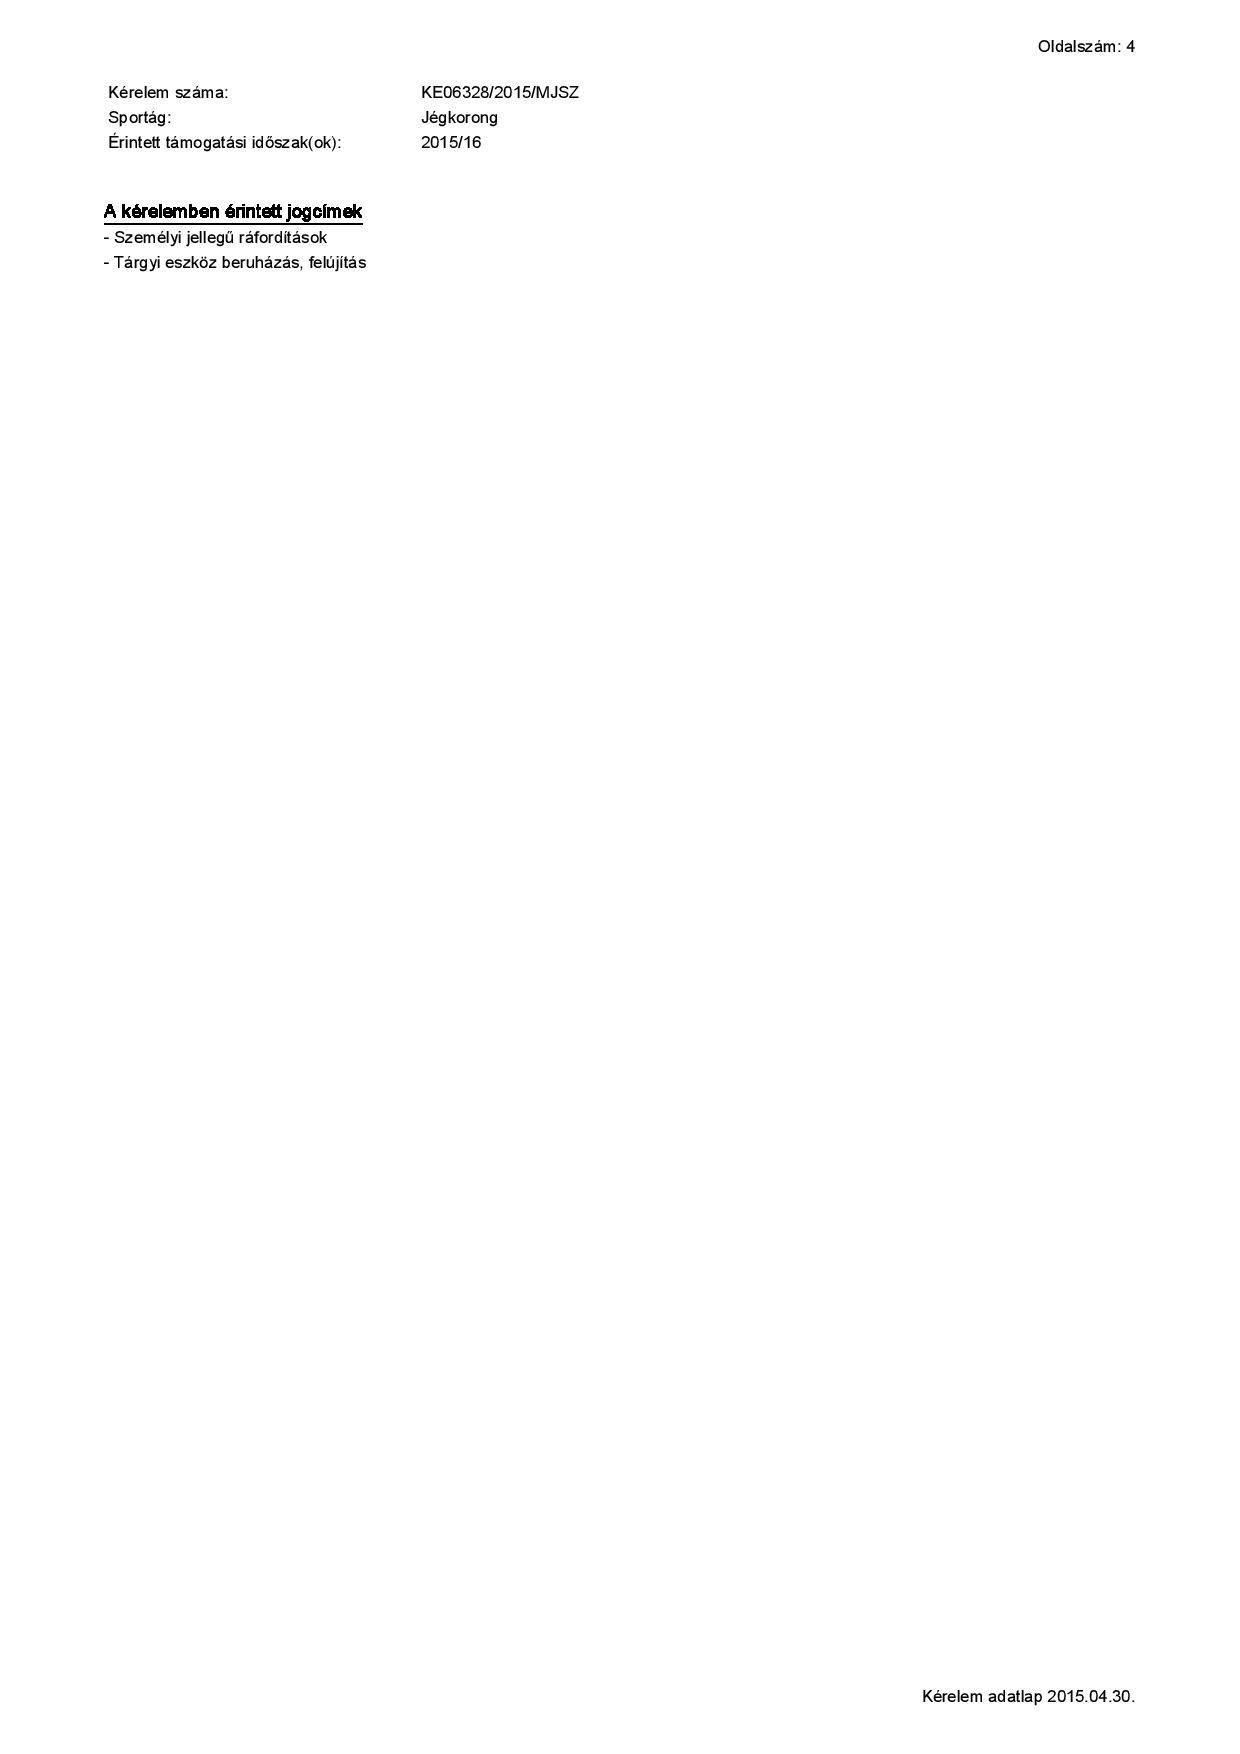 kerelem_djk_2015_2016 ke06328_836_hitelesitett djk dunaújvárosi jégkorong kft 20150430-page-004